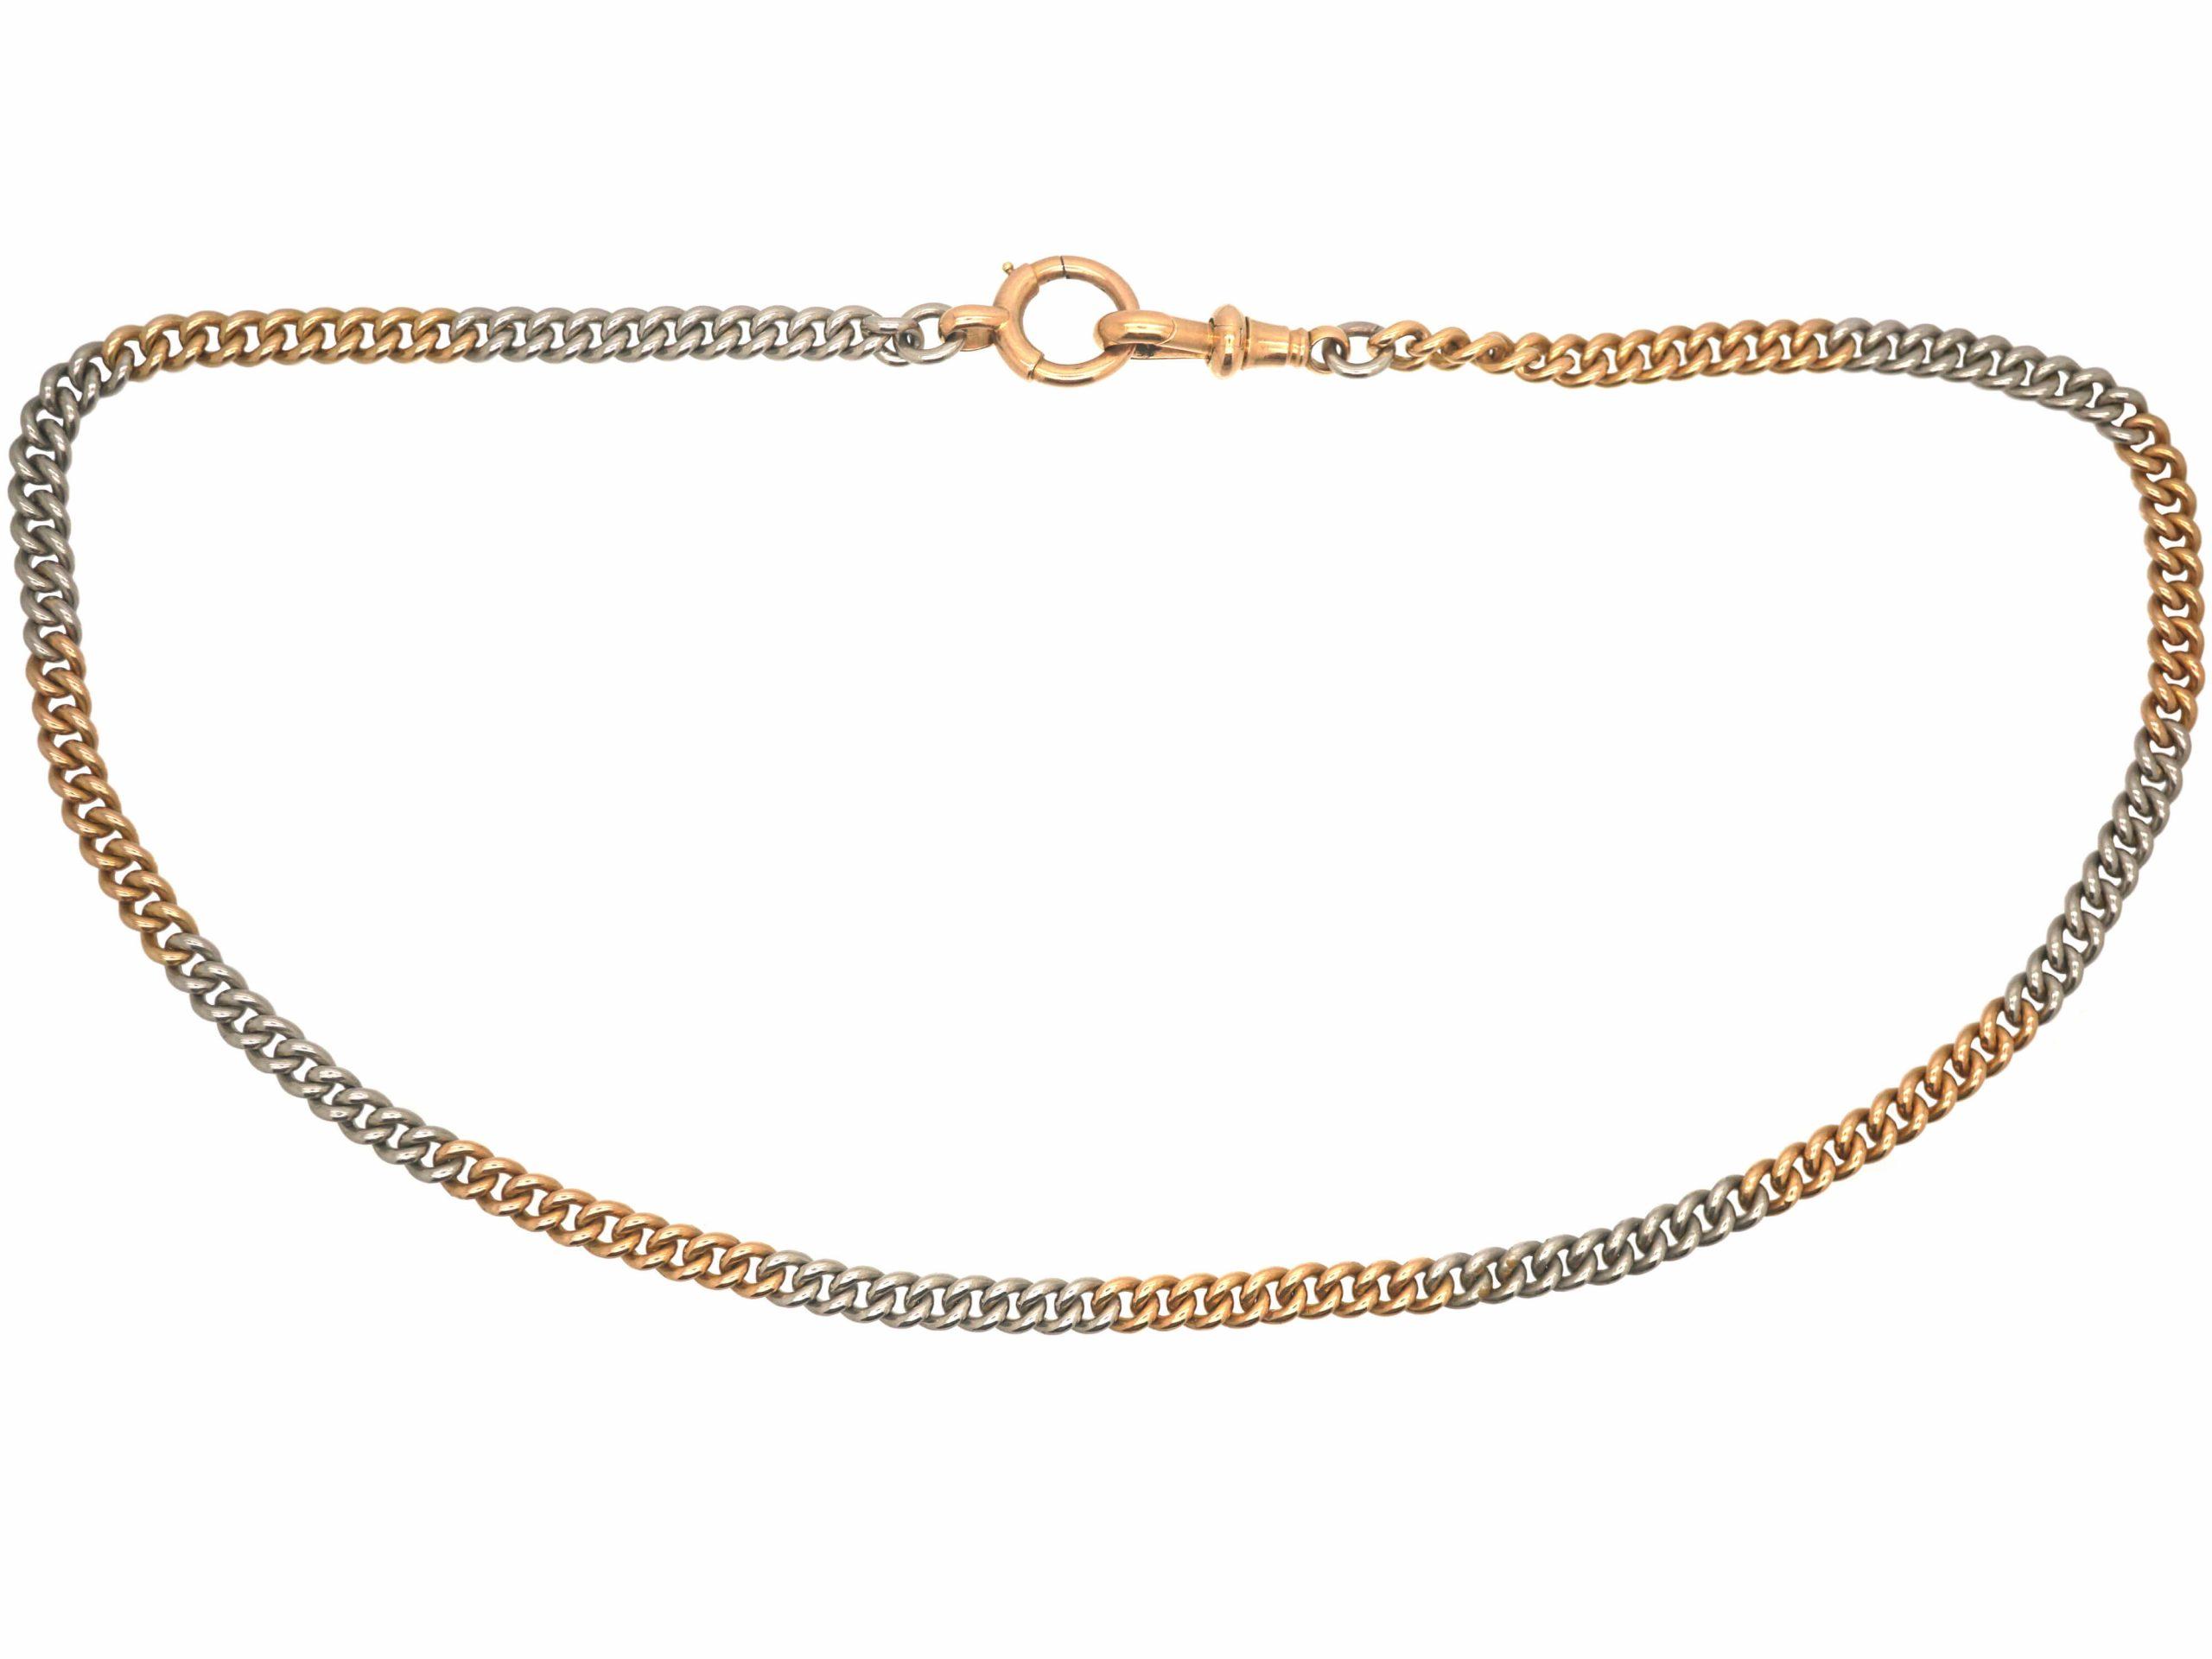 Edwardian 15ct Gold & Platinum Albert Chain